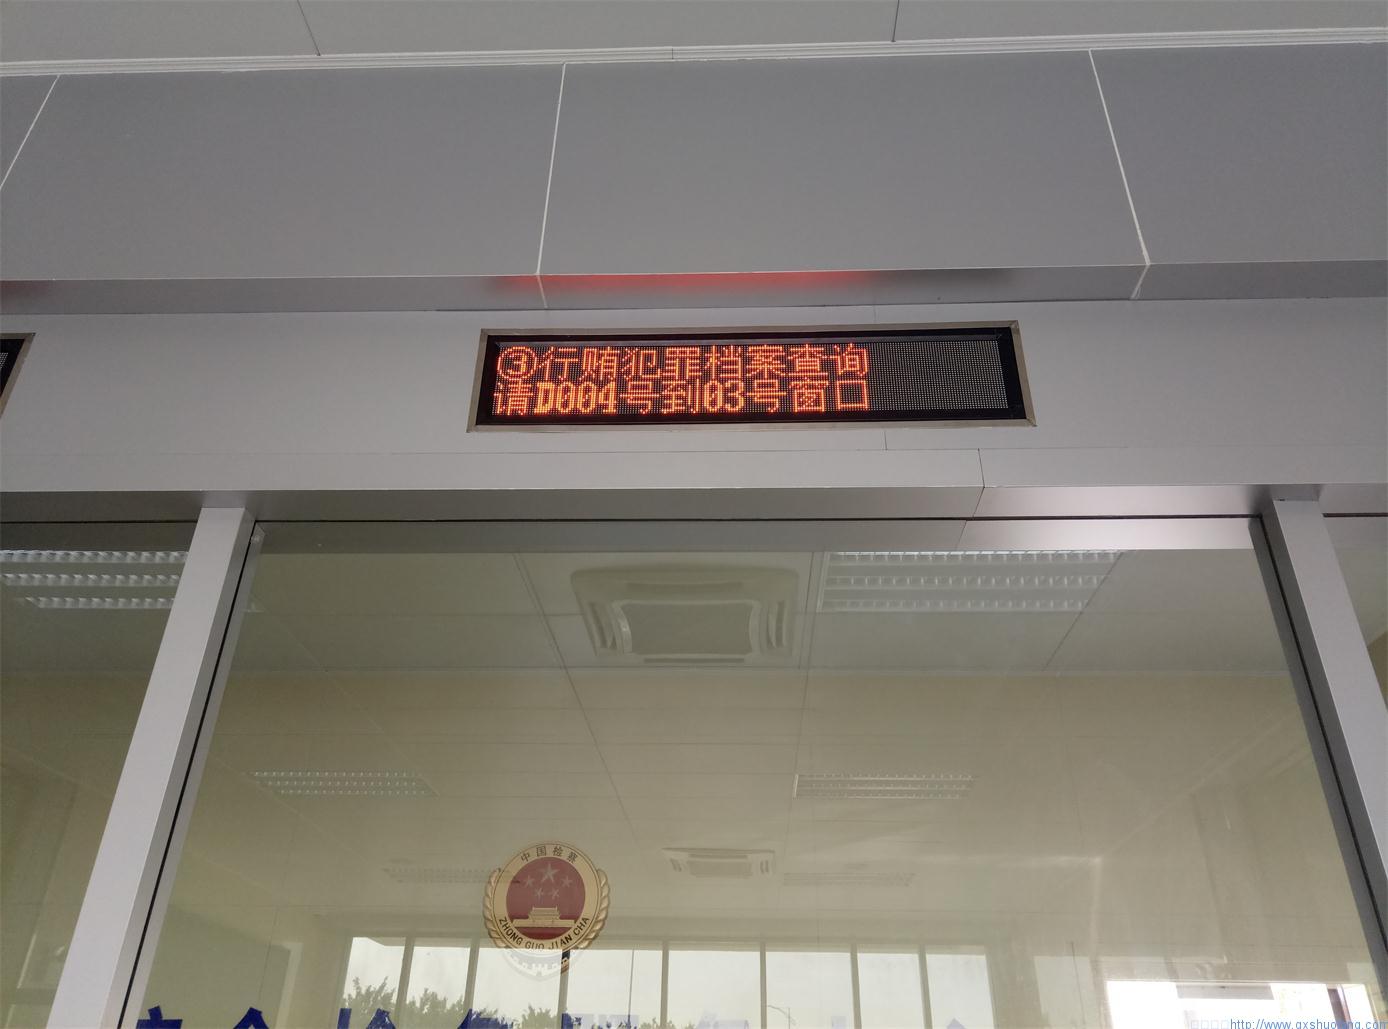 南寧市西鄉塘人民檢察院排隊機、觸摸查詢機和觸摸查詢軟件項目